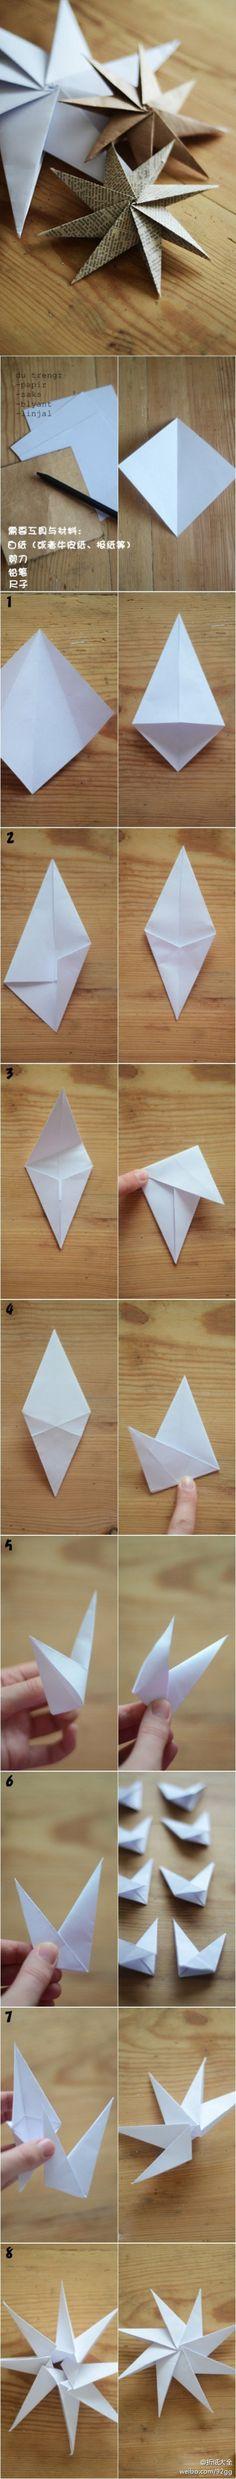 star origami (par assemblage) #deconoel #decorationnoel